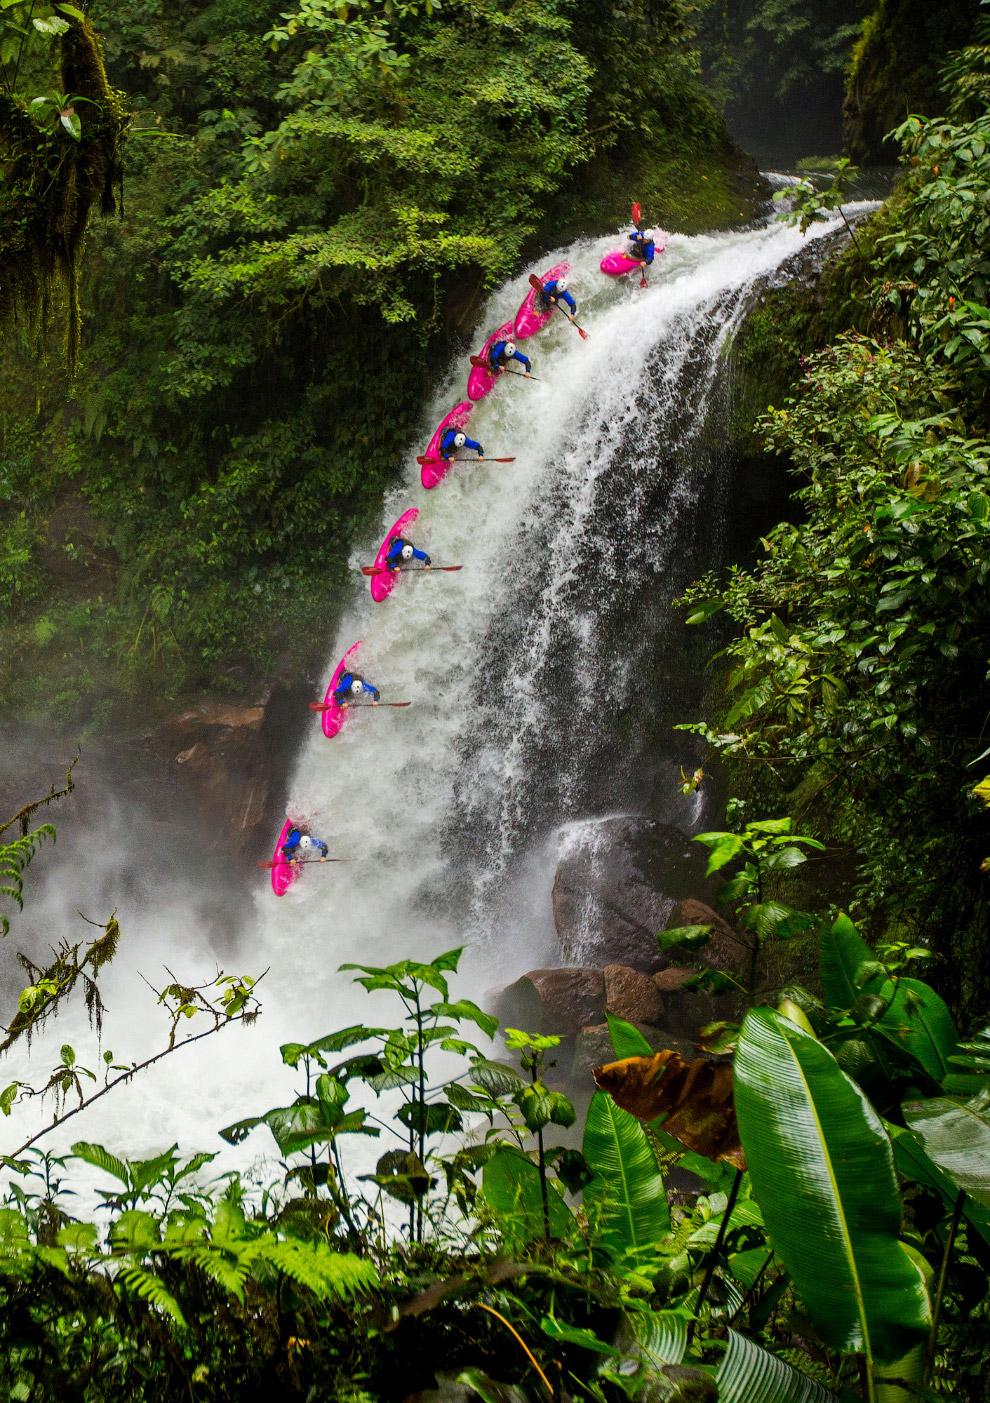 Серия кадров, показывающая преодоление сложного водопада